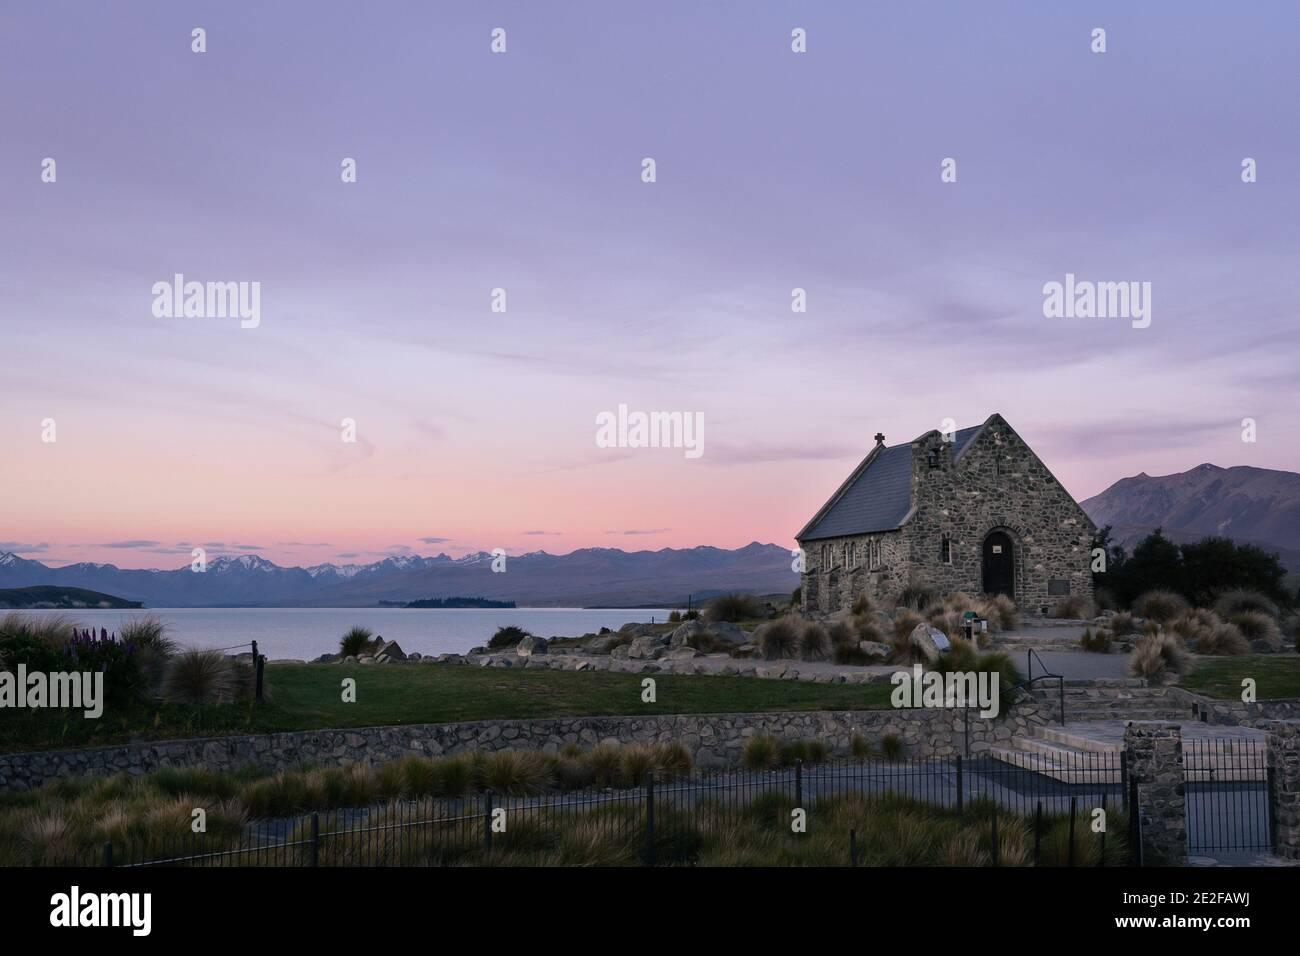 Historic Church of the Good Shepherd with amazing sunset landscape. Lake Tekapo, New Zealand. Stock Photo